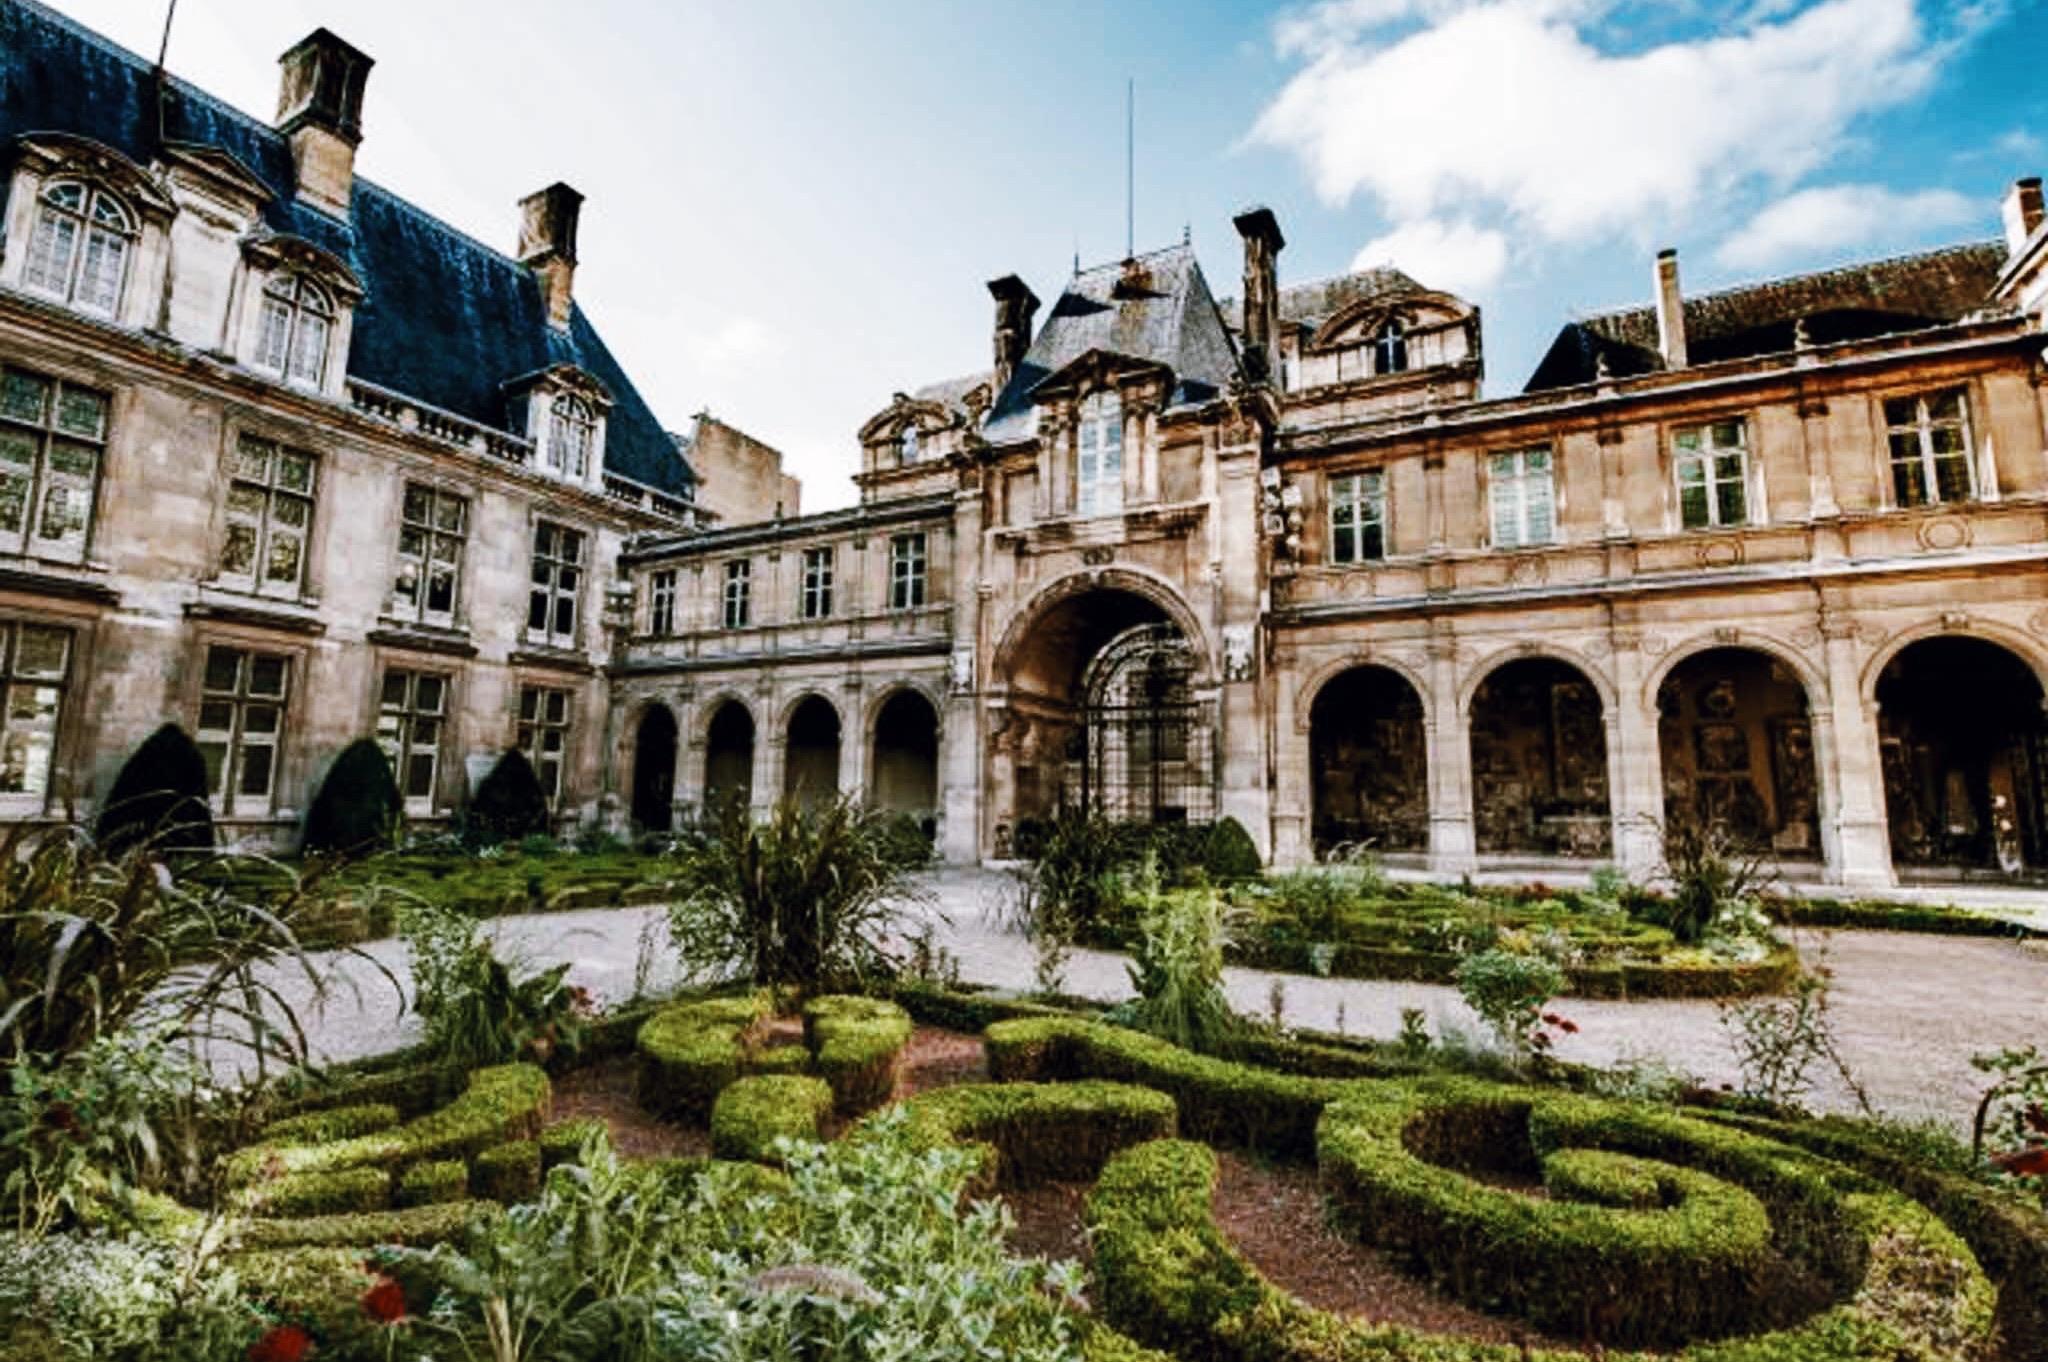 Marias-Paris-Tour-Guided-Walking